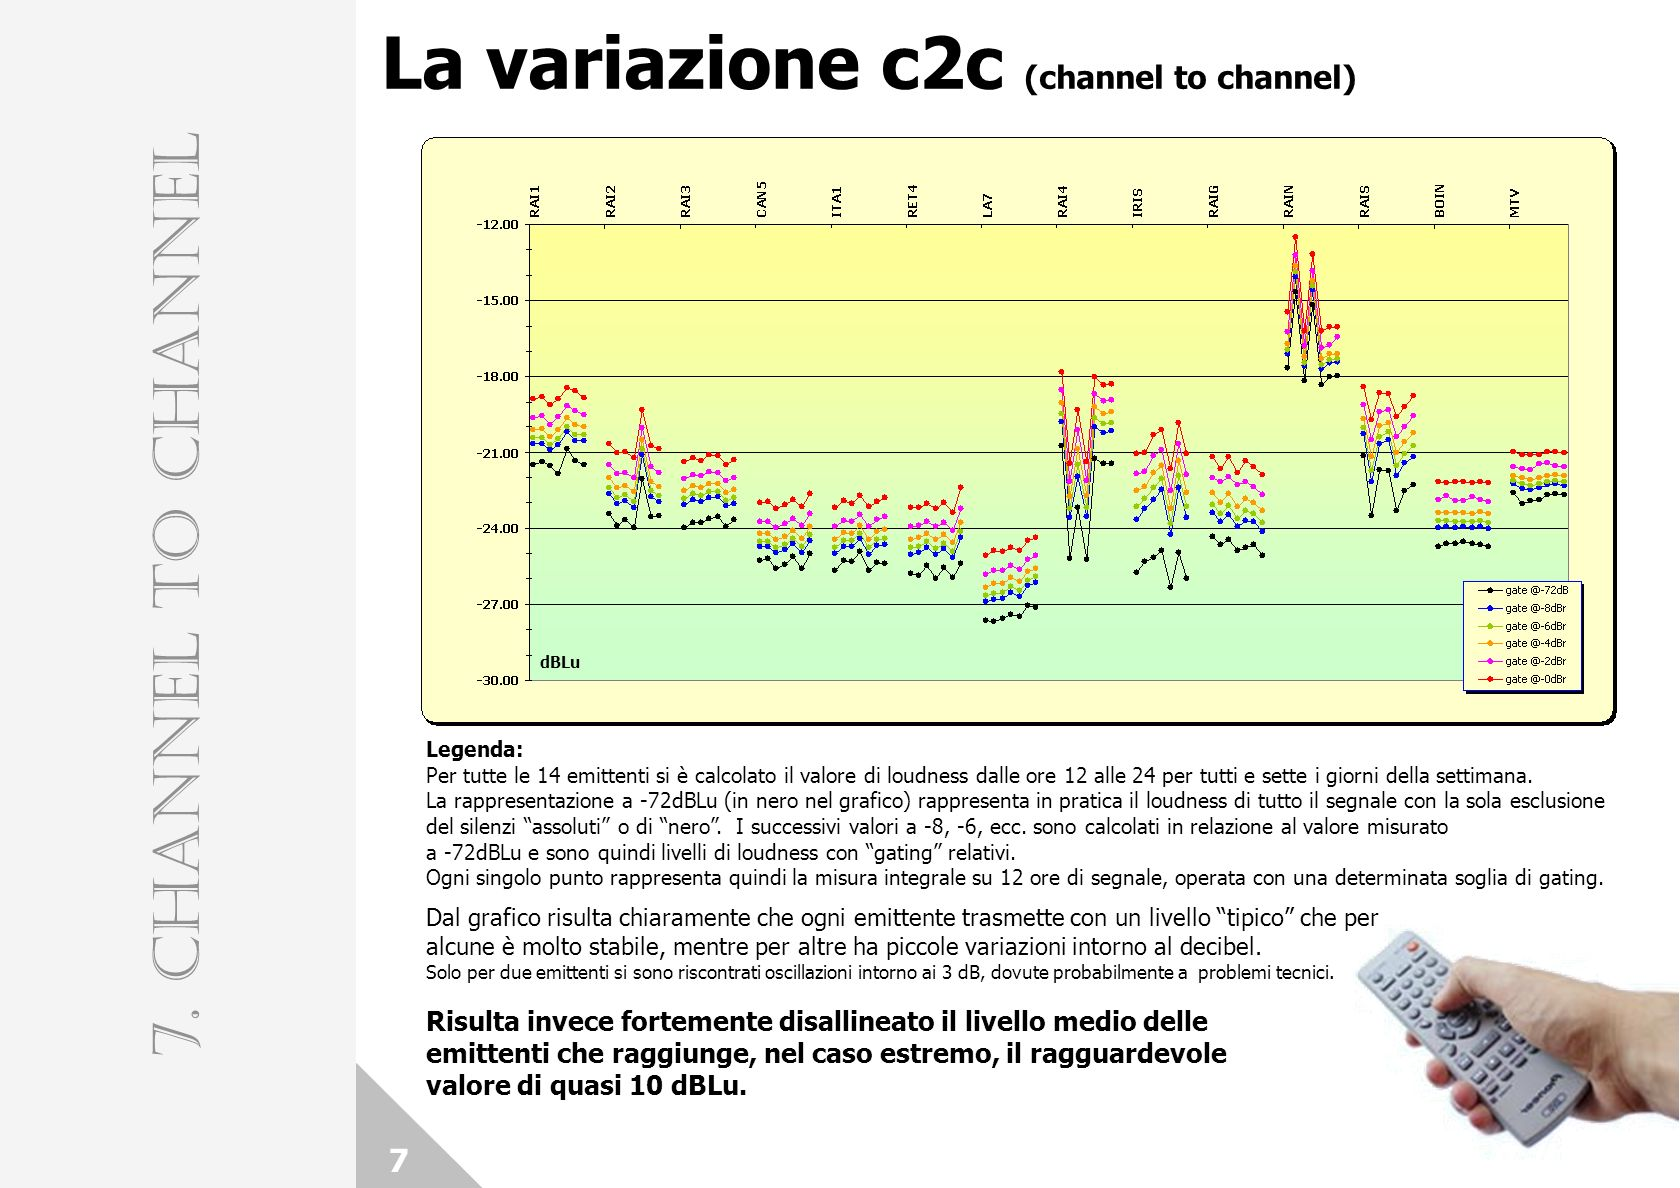 7 7. CHANNEL TO CHANNEL La variazione c2c (channel to channel) Legenda: Per tutte le 14 emittenti si è calcolato il valore di loudness dalle ore 12 al